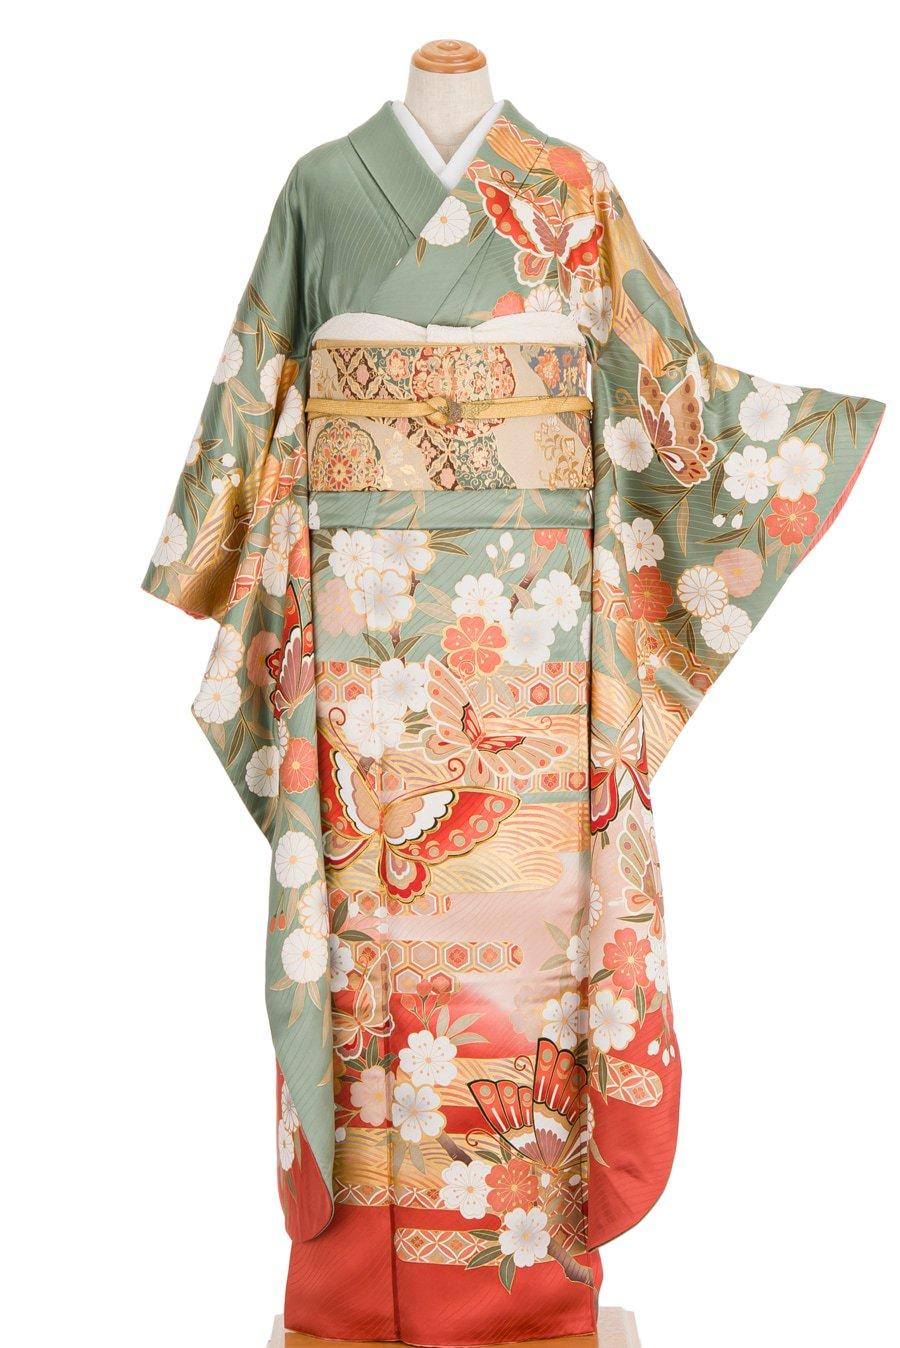 「振袖 揚羽蝶と枝垂れ桜」の商品画像